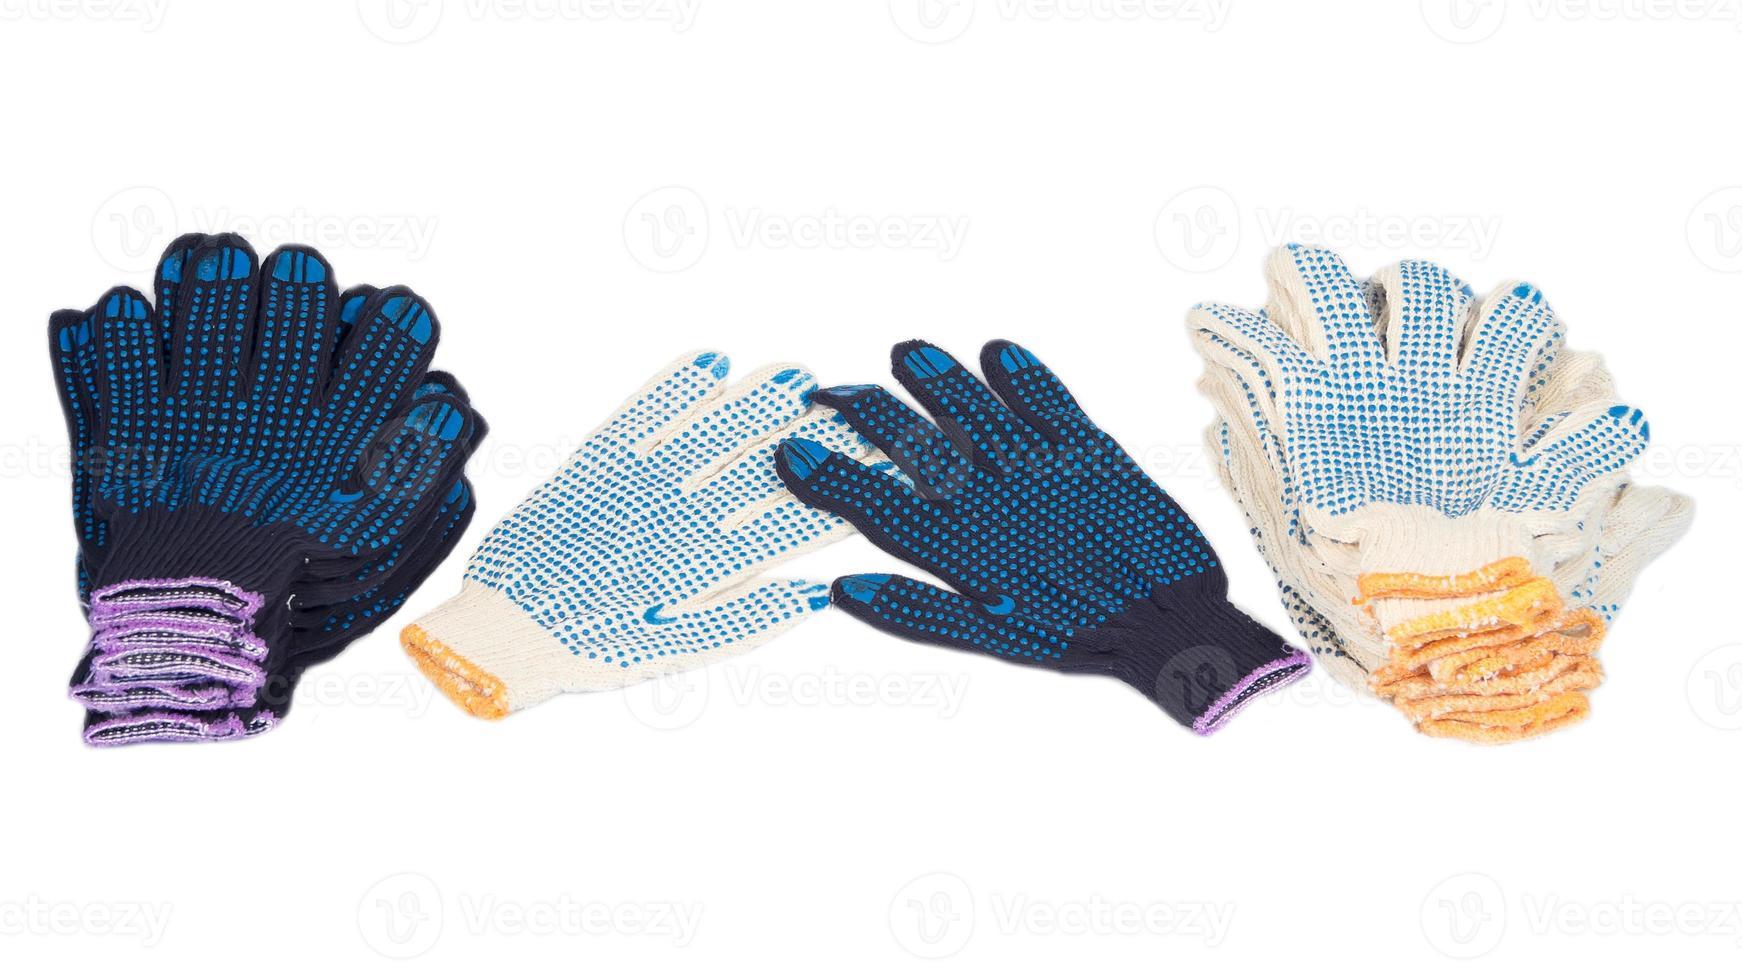 guantes de trabajo foto